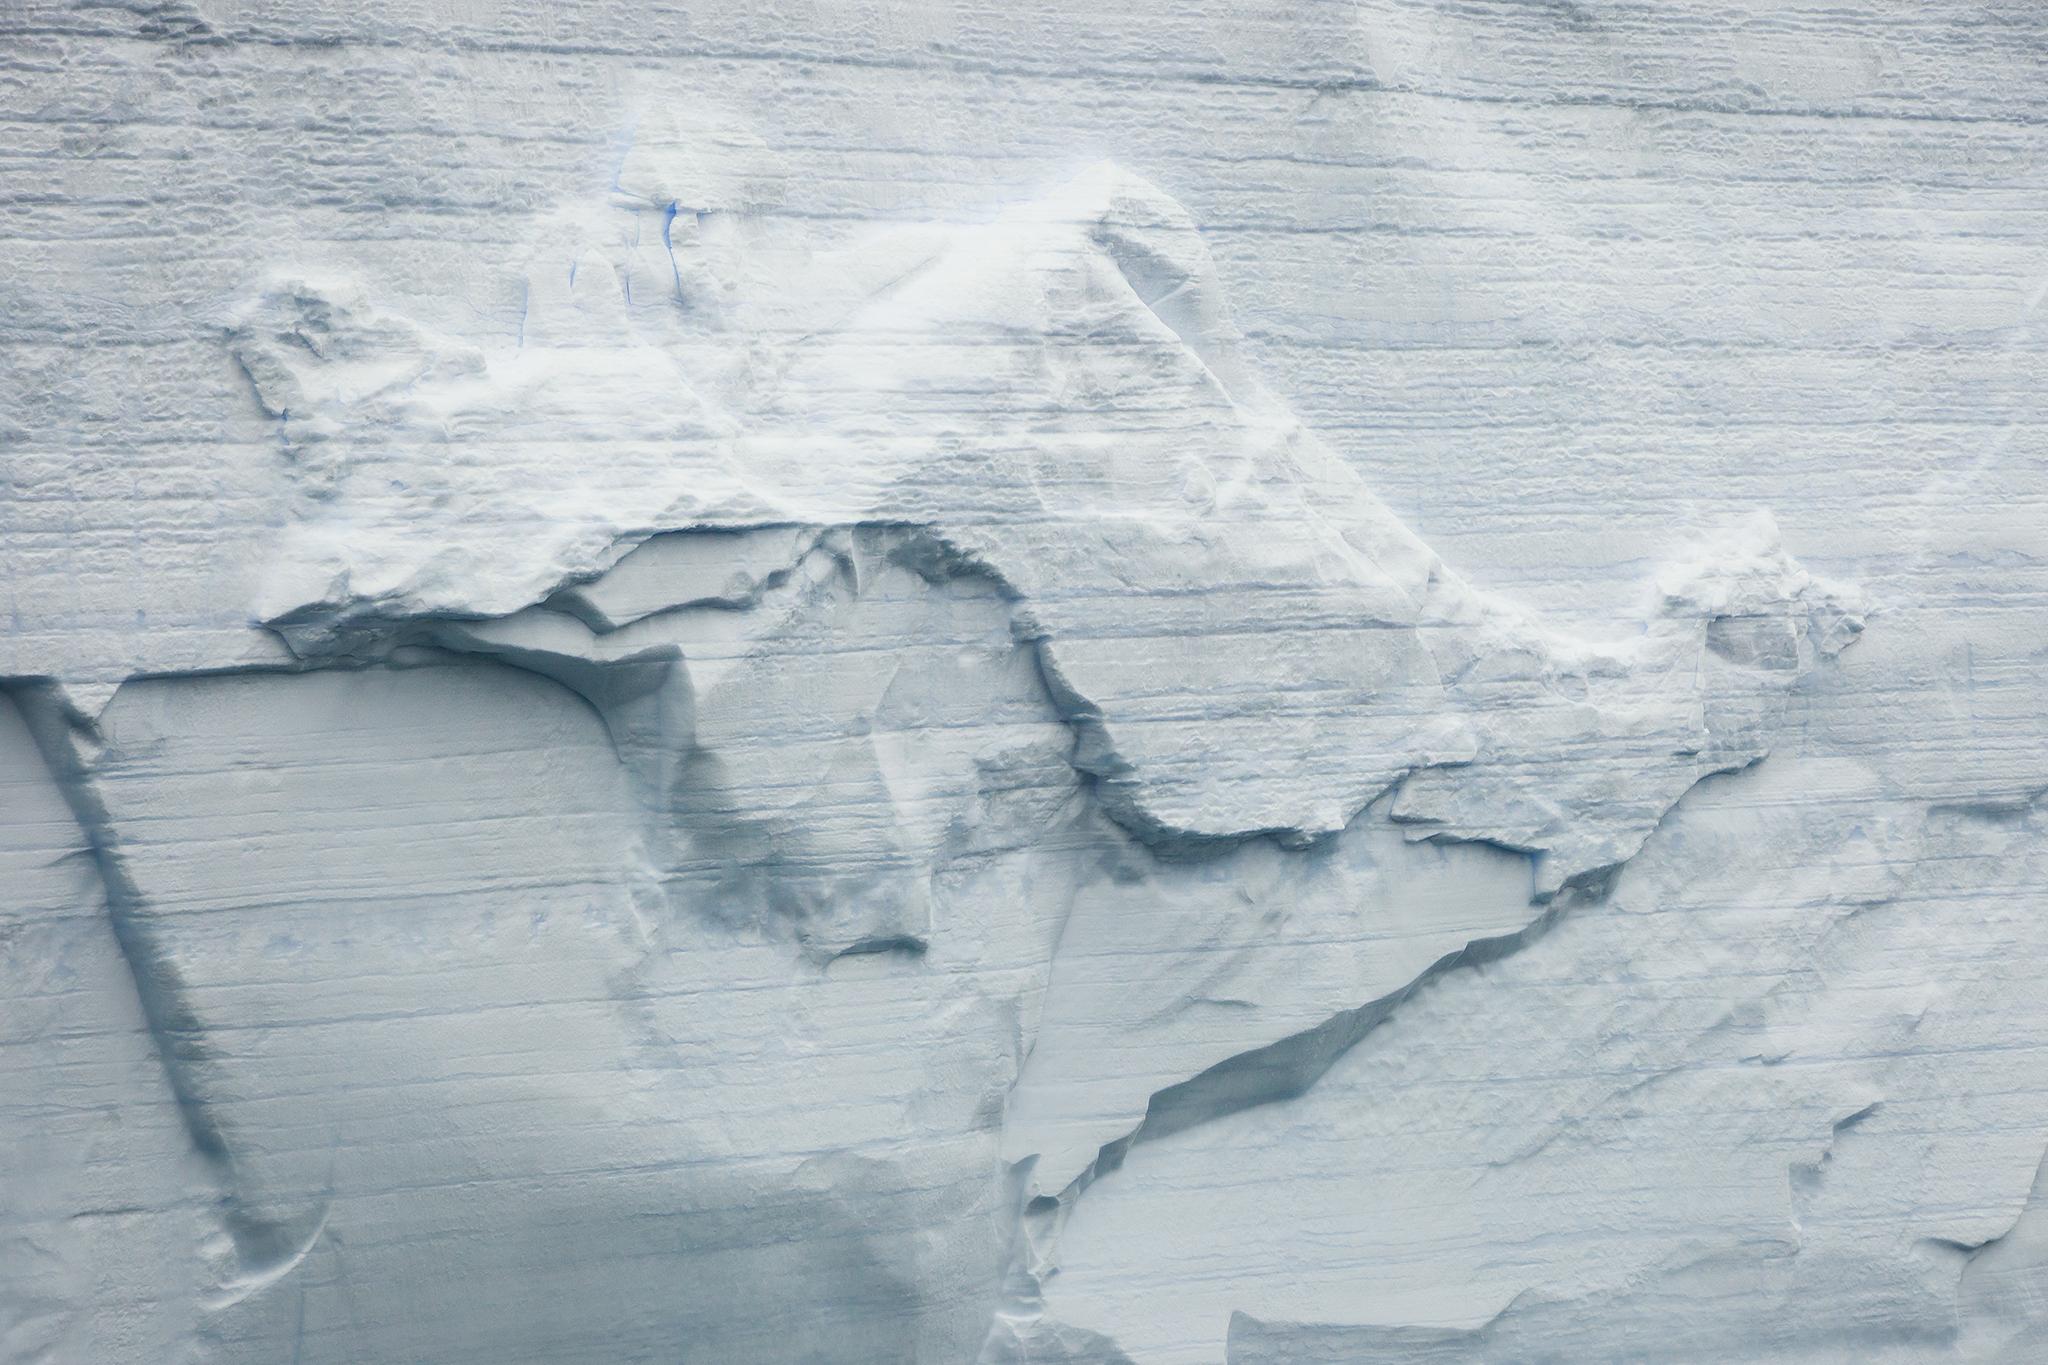 011-TW-Icebergs-140104.jpg